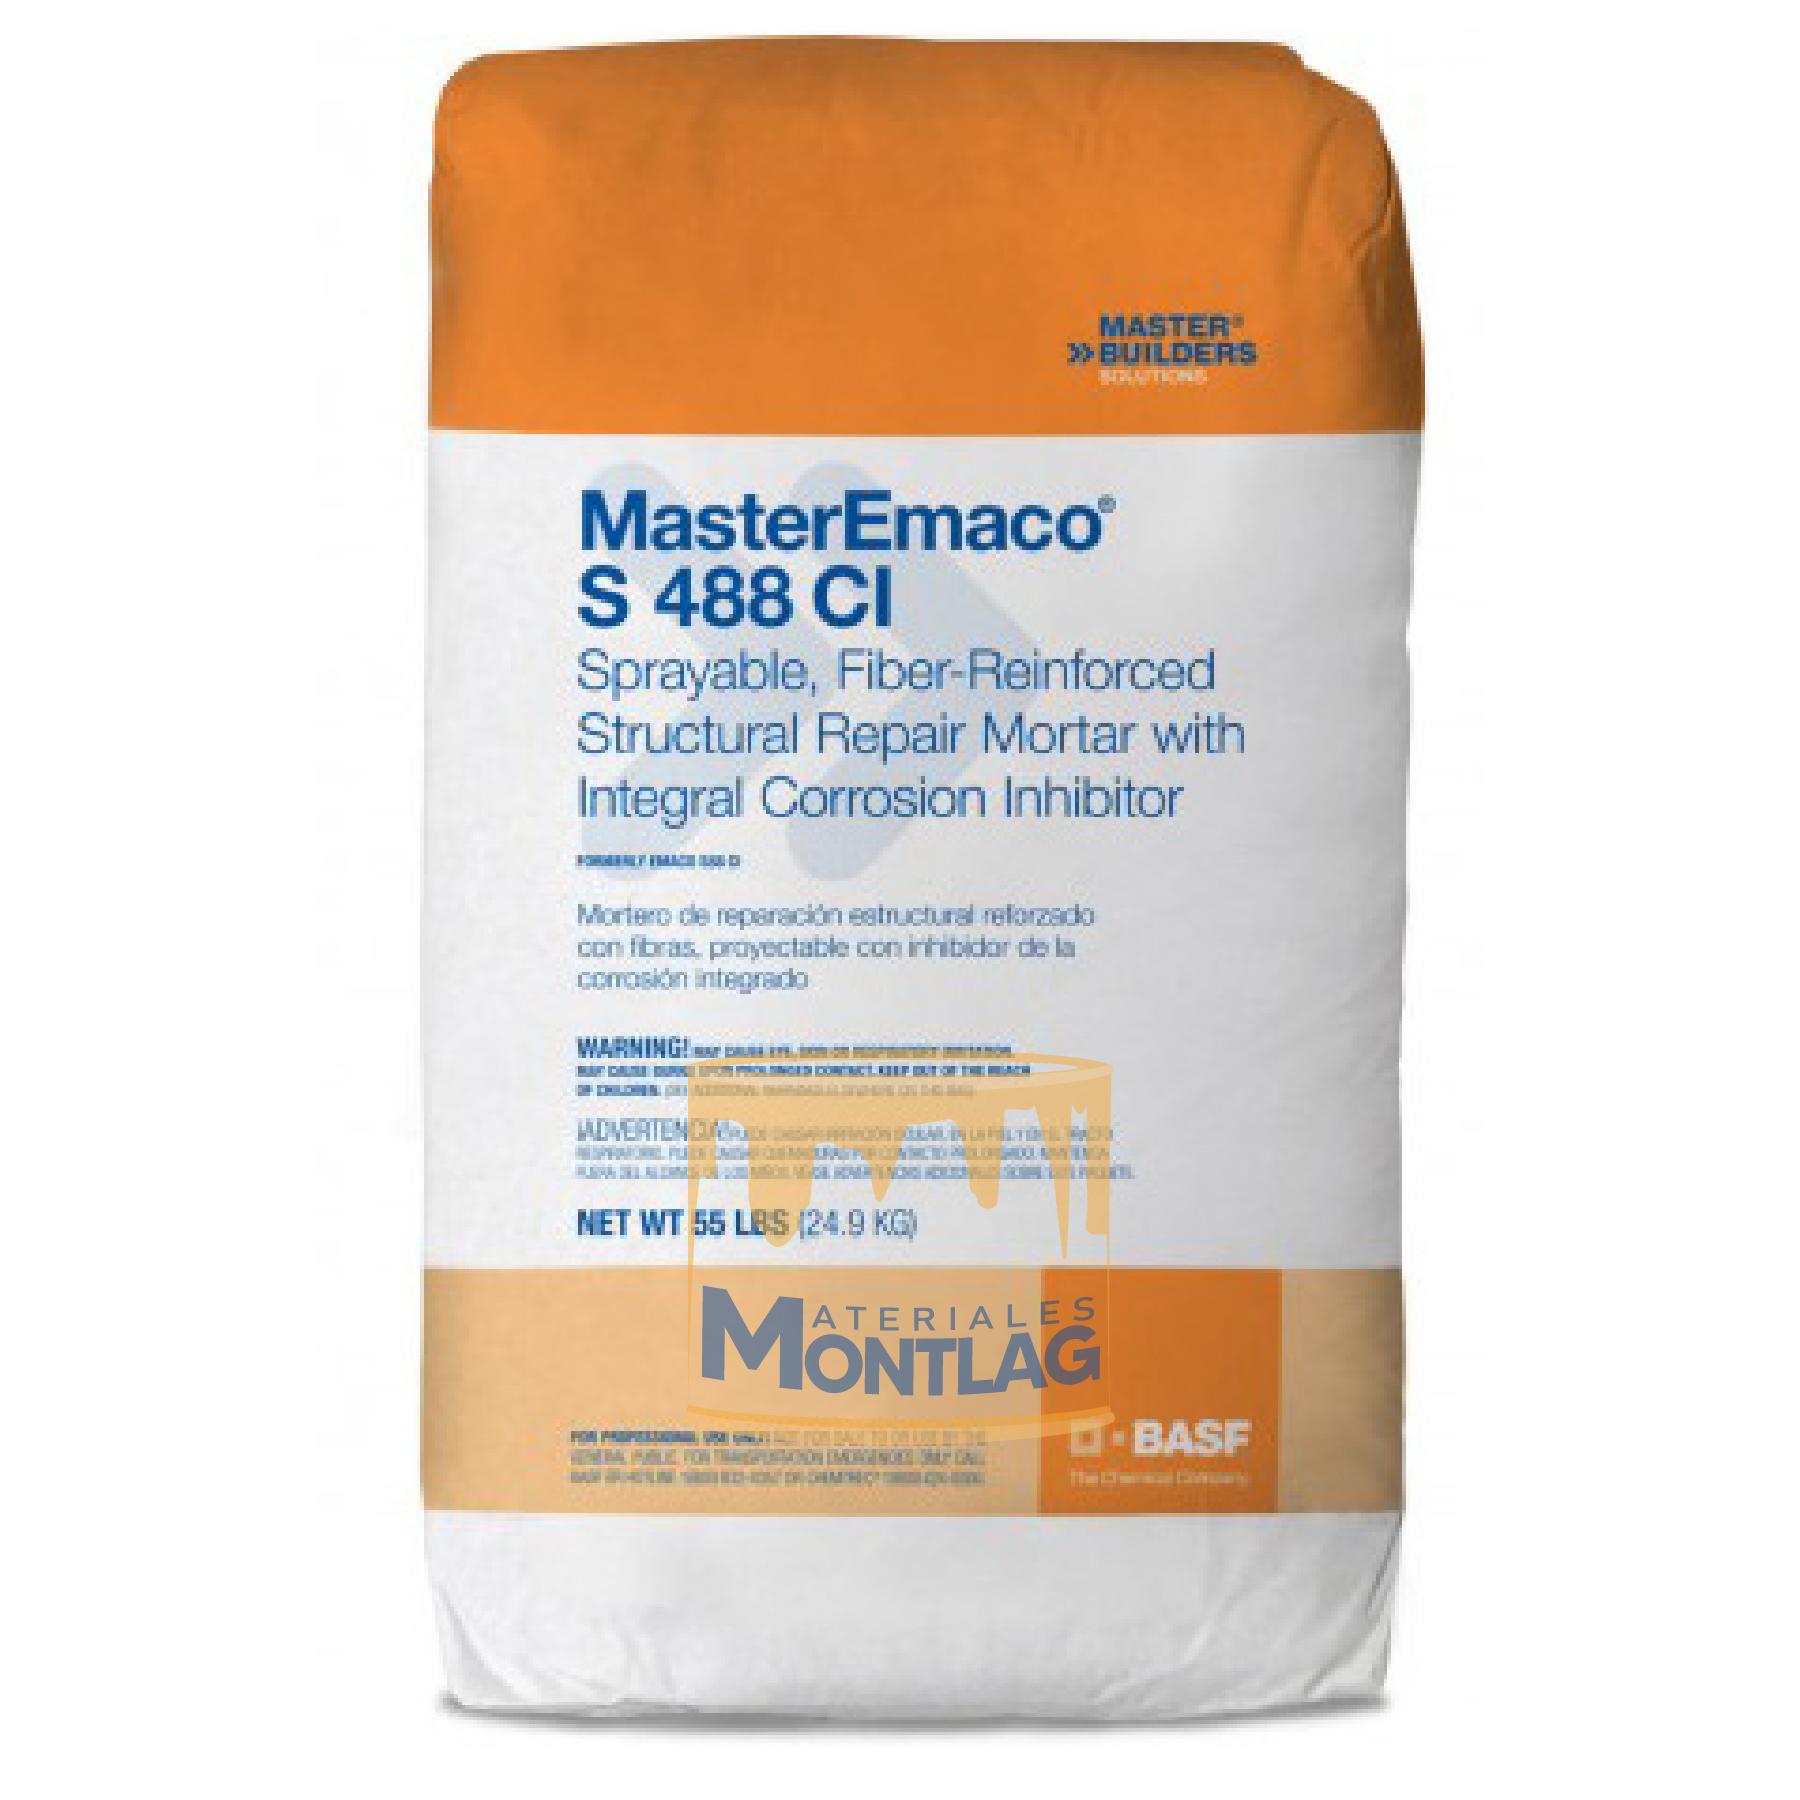 MasterEmaco S 488 CI